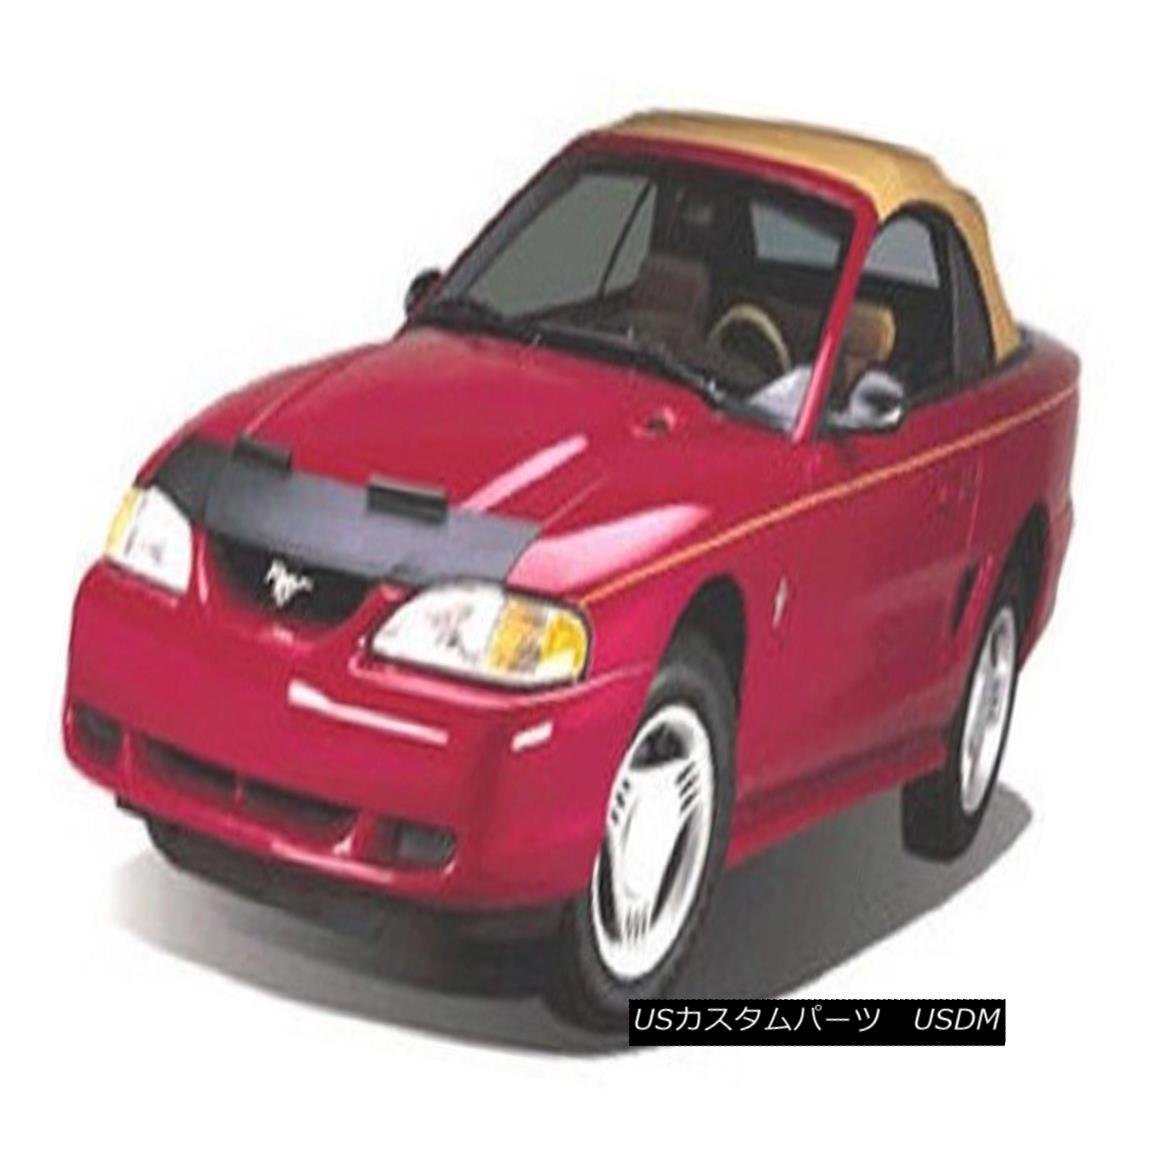 フルブラ ノーズブラ Mini Mask Bra Hood cover Fits Dodge Intrepid 1998 thru 2004 ミニマスクブラジャーフードカバーDodge Intrepid 1998?2004